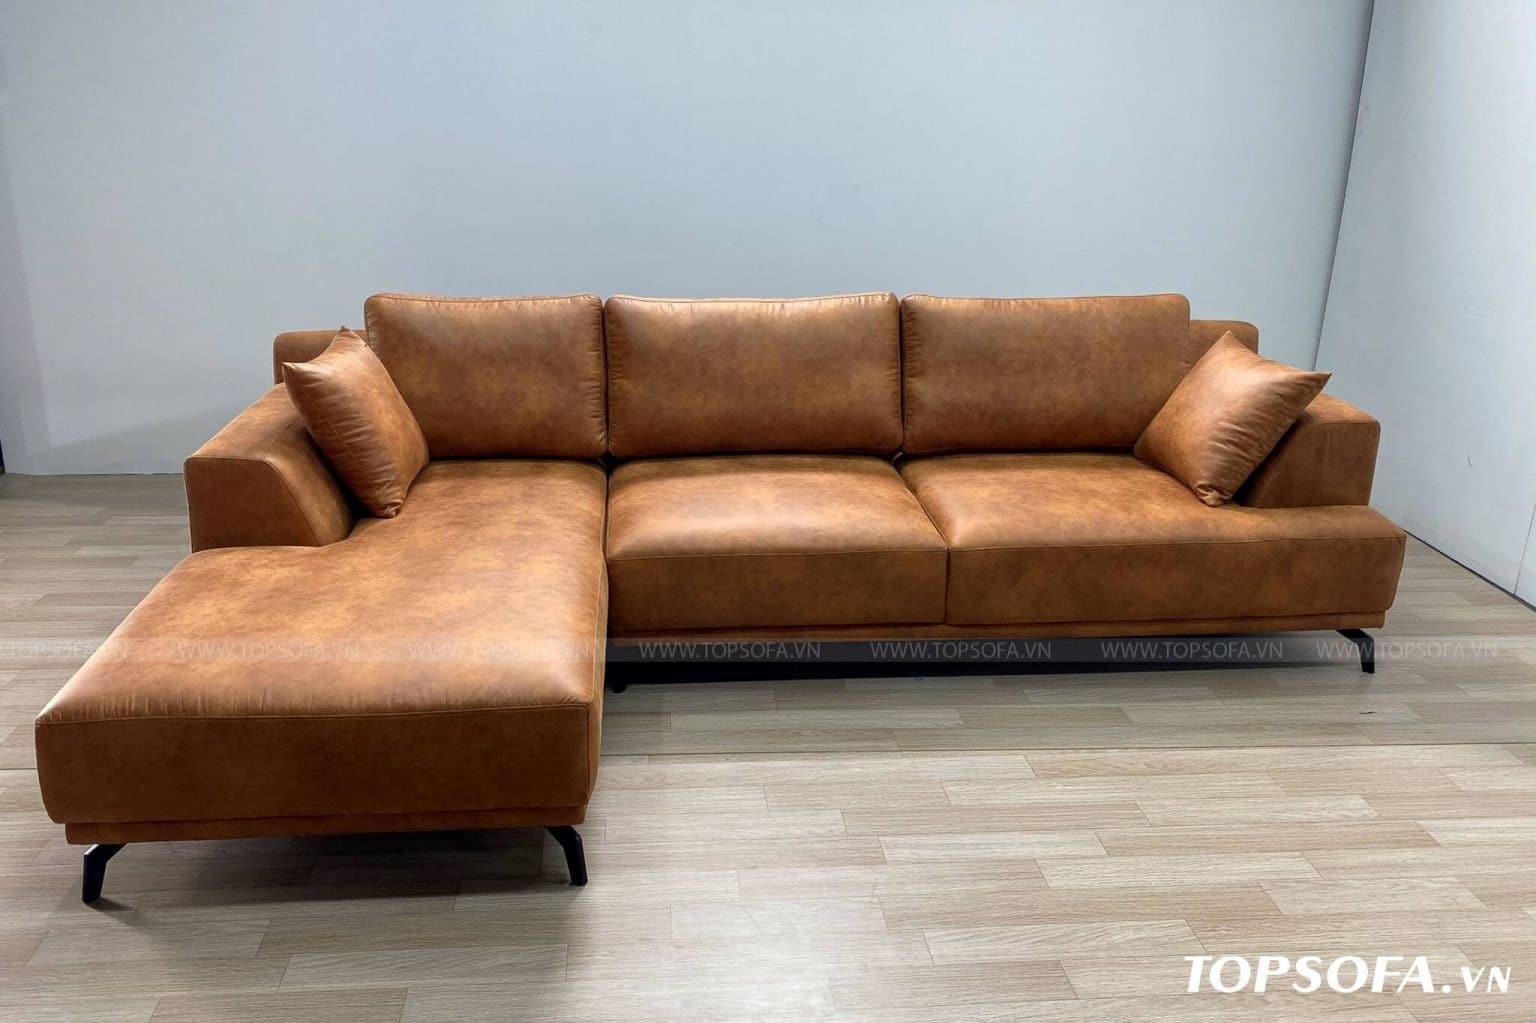 Sofa góc da TS219 mặt trước